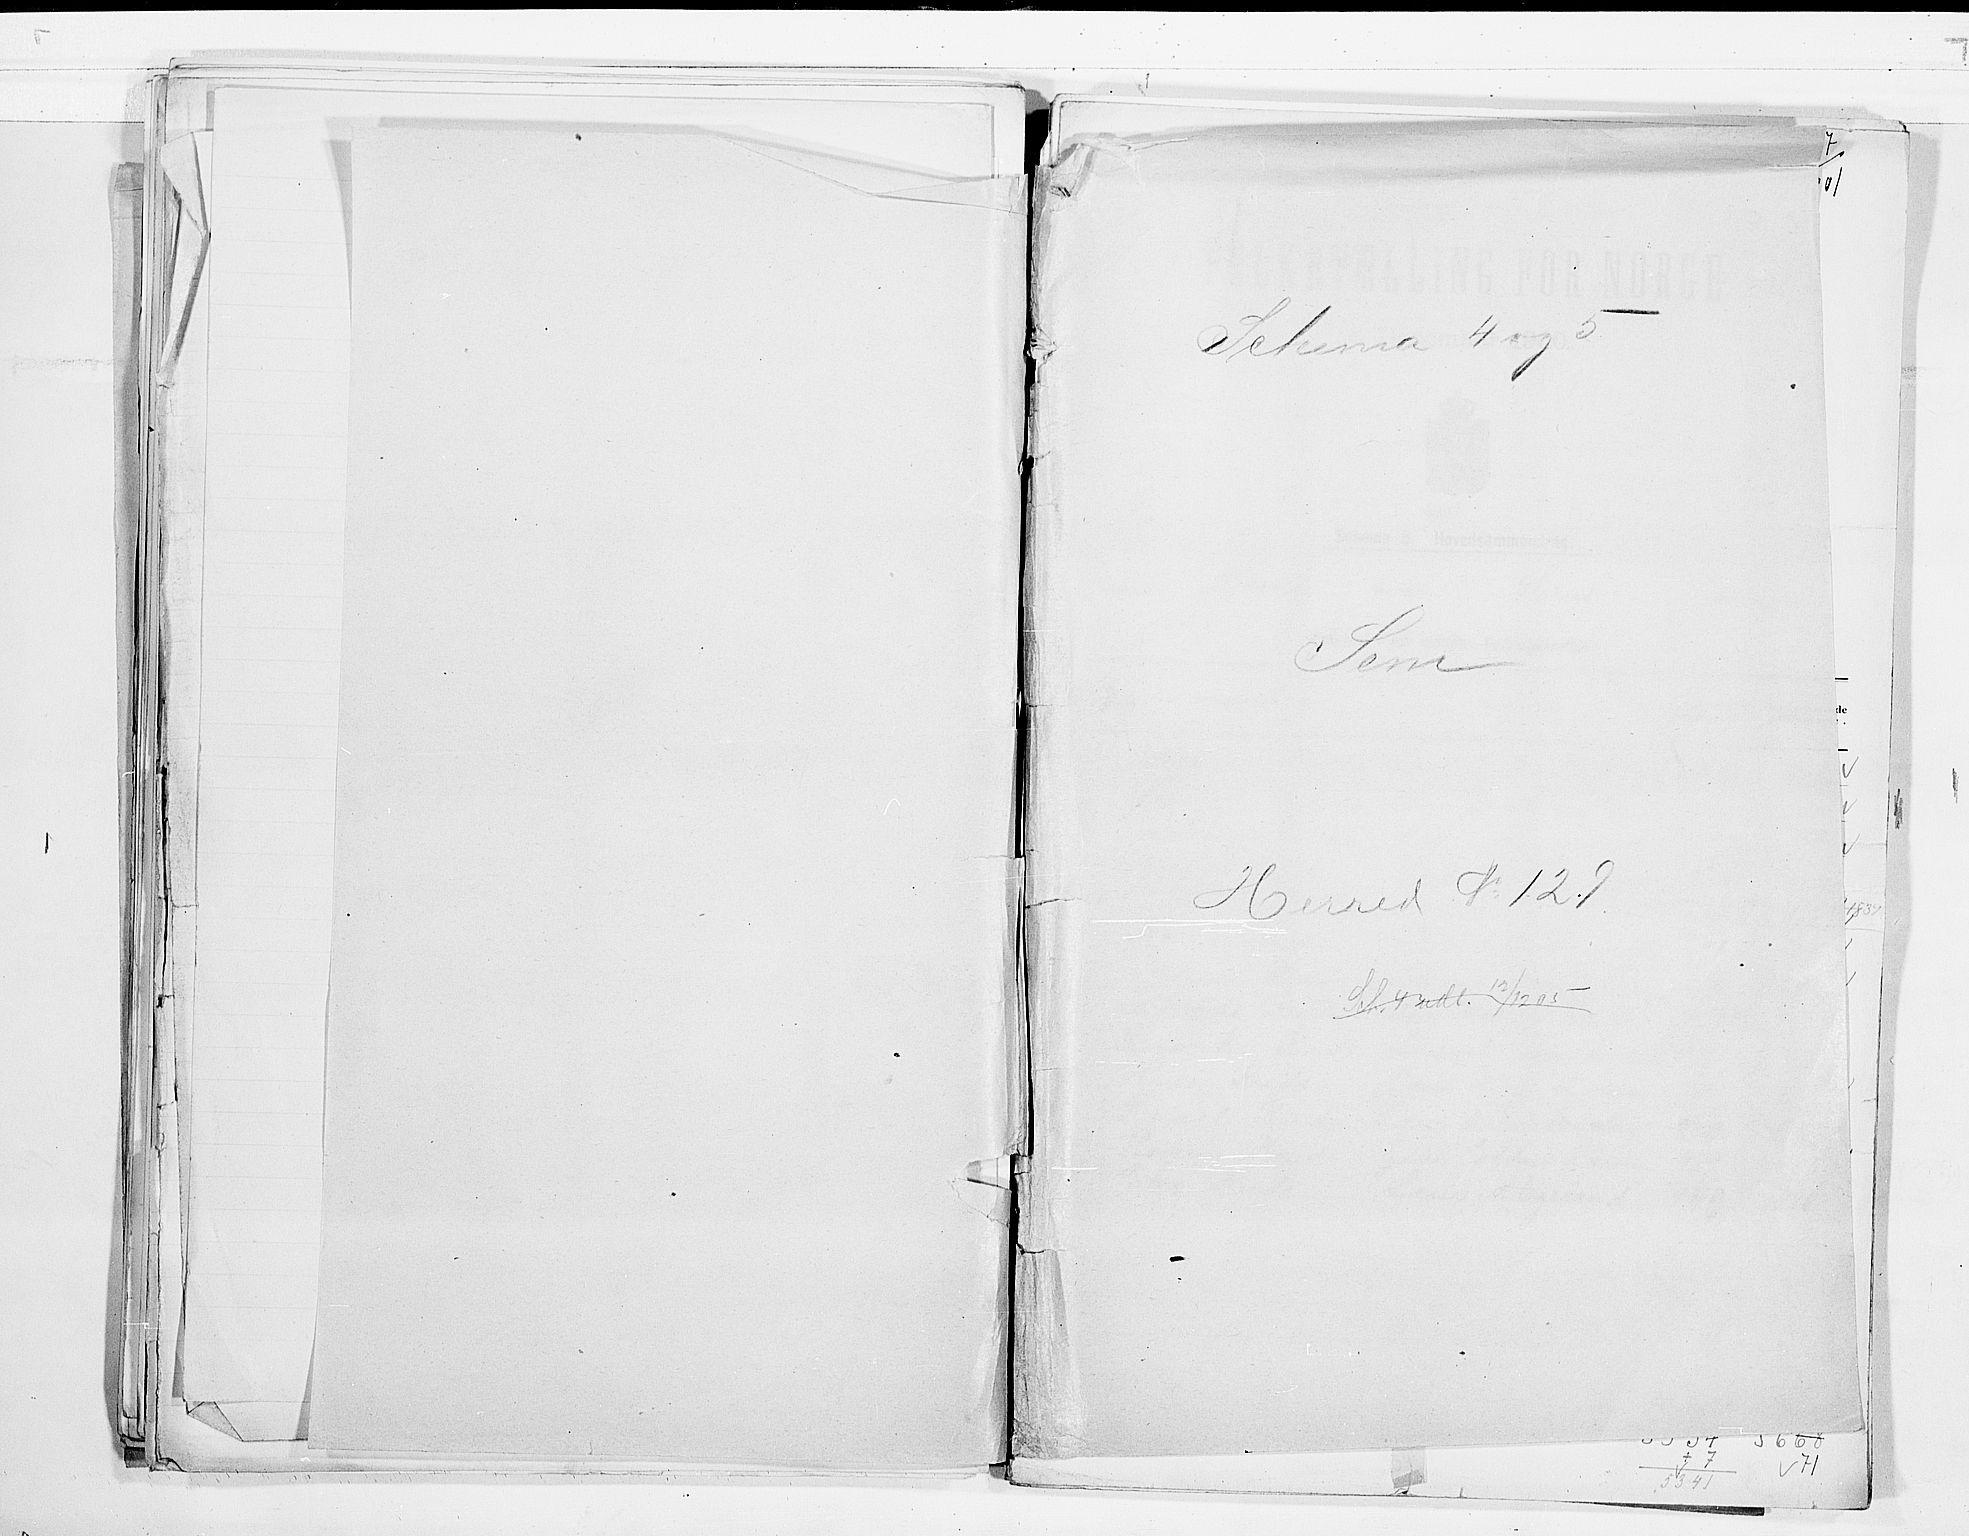 RA, Folketelling 1900 for 0721 Sem herred, 1900, s. 1